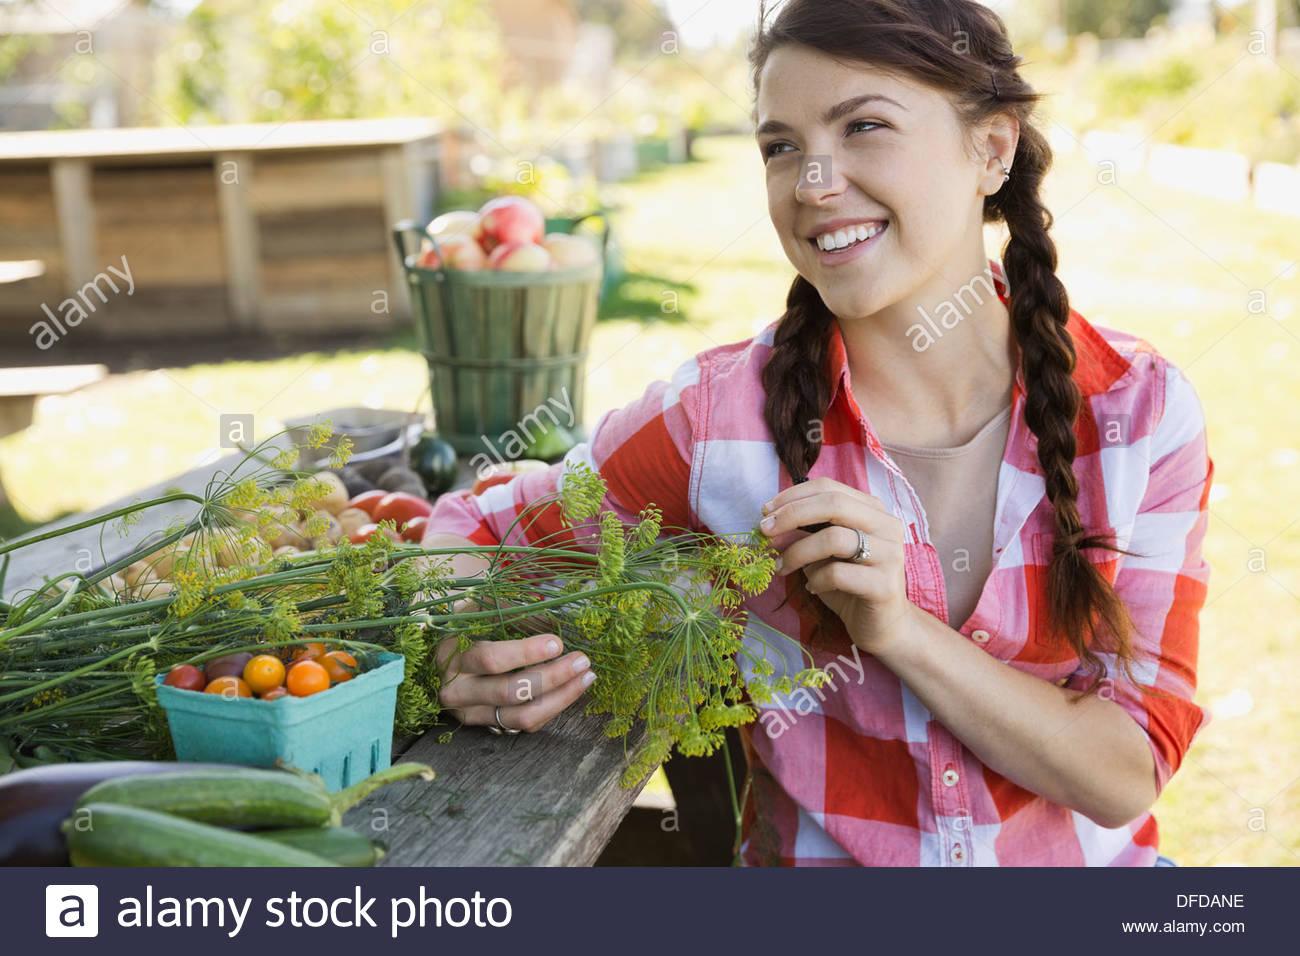 Femme assise à côté de récolter les fruits et légumes Photo Stock